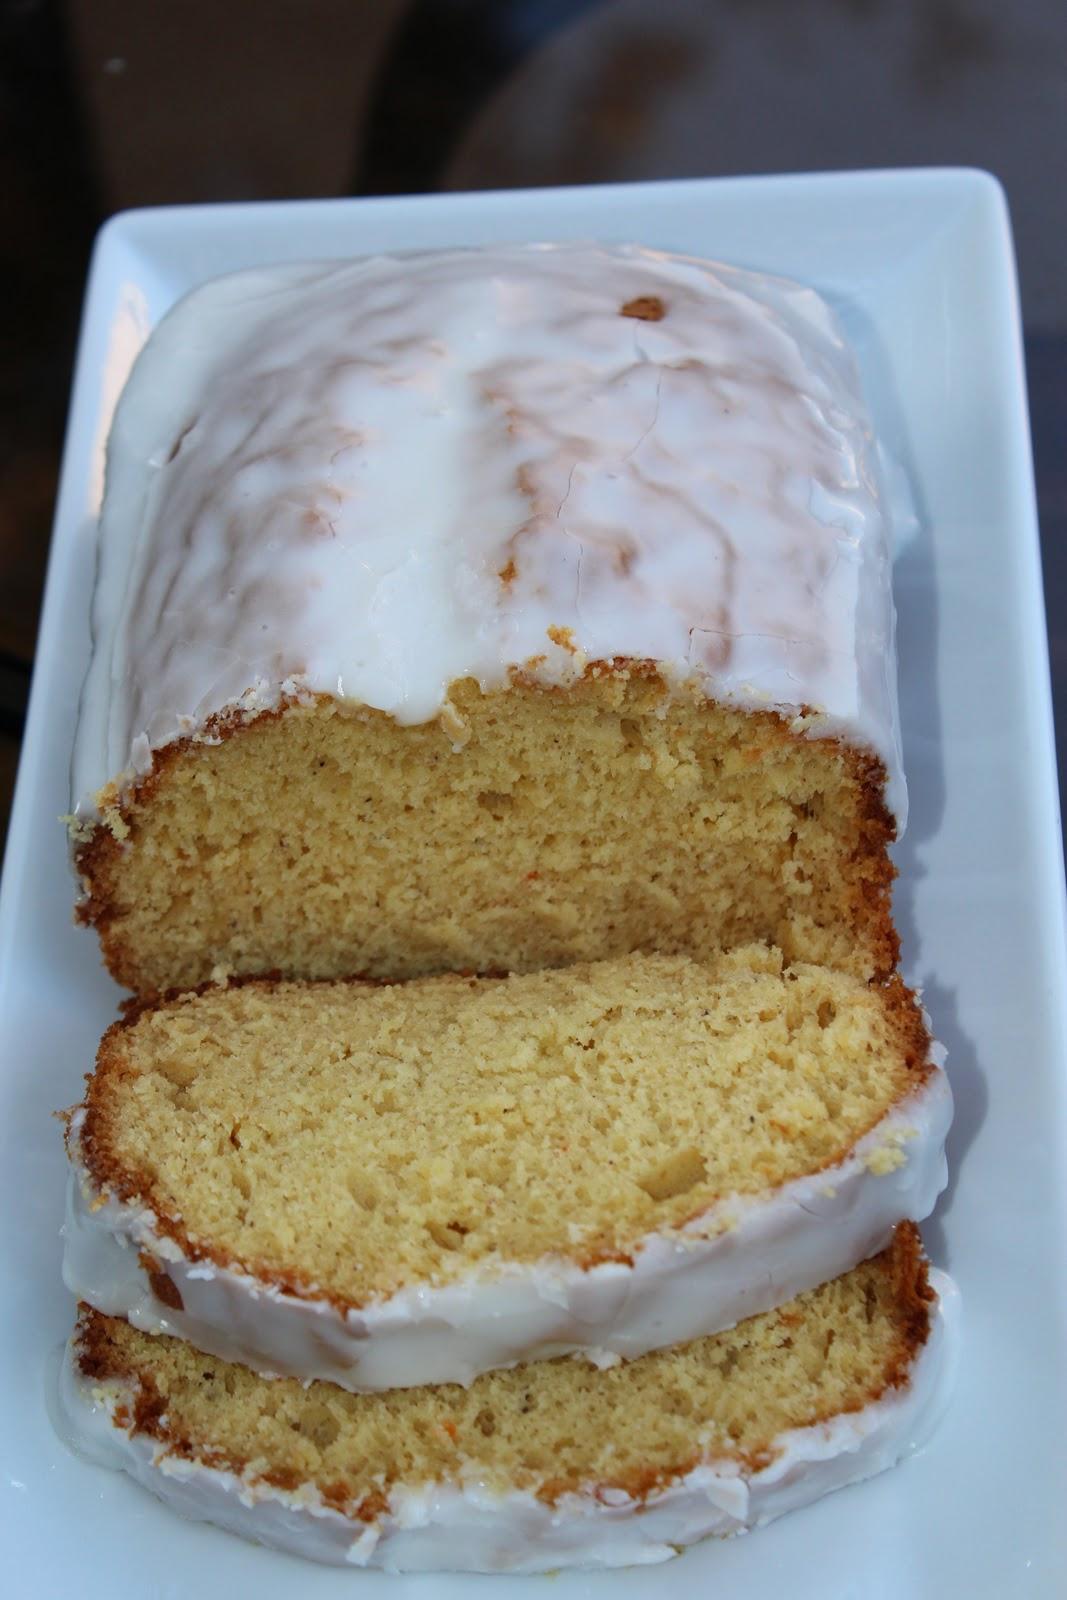 ... lemon glaze that is WONDERFUL with the cake and I like me some glaze